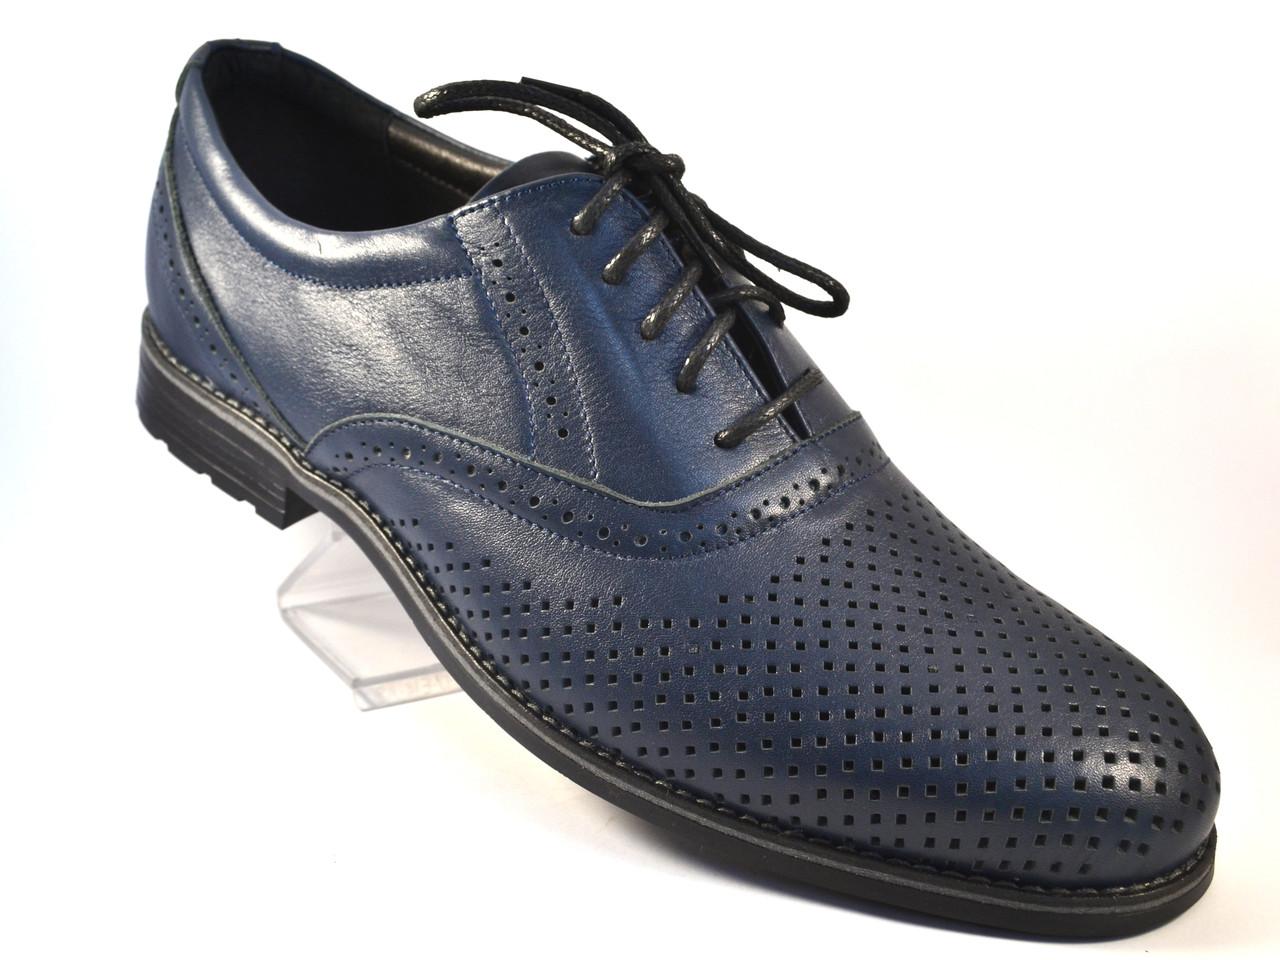 Большой размер обуви летние мужские туфли кожаные синие в сеточку Rosso Avangard Felicite Blu Perf